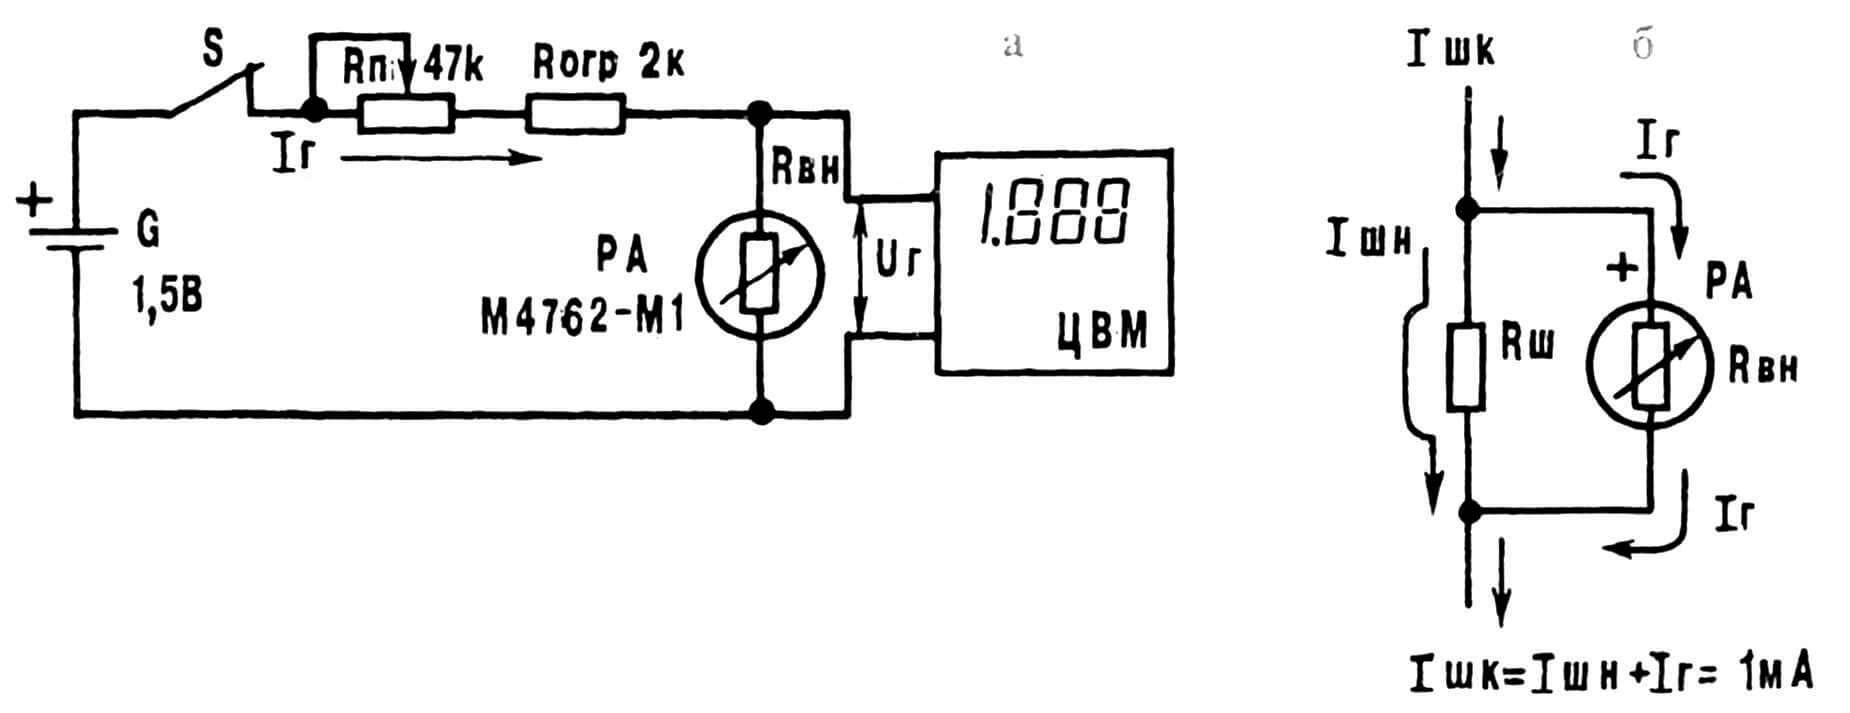 Рис. 4. Схема проведения контрольных измерений (а) и необходимые расчетные соотношения с диаграммами токов (б) для доработки измерительной головки М4762 при ее использовании в «Бетамере».